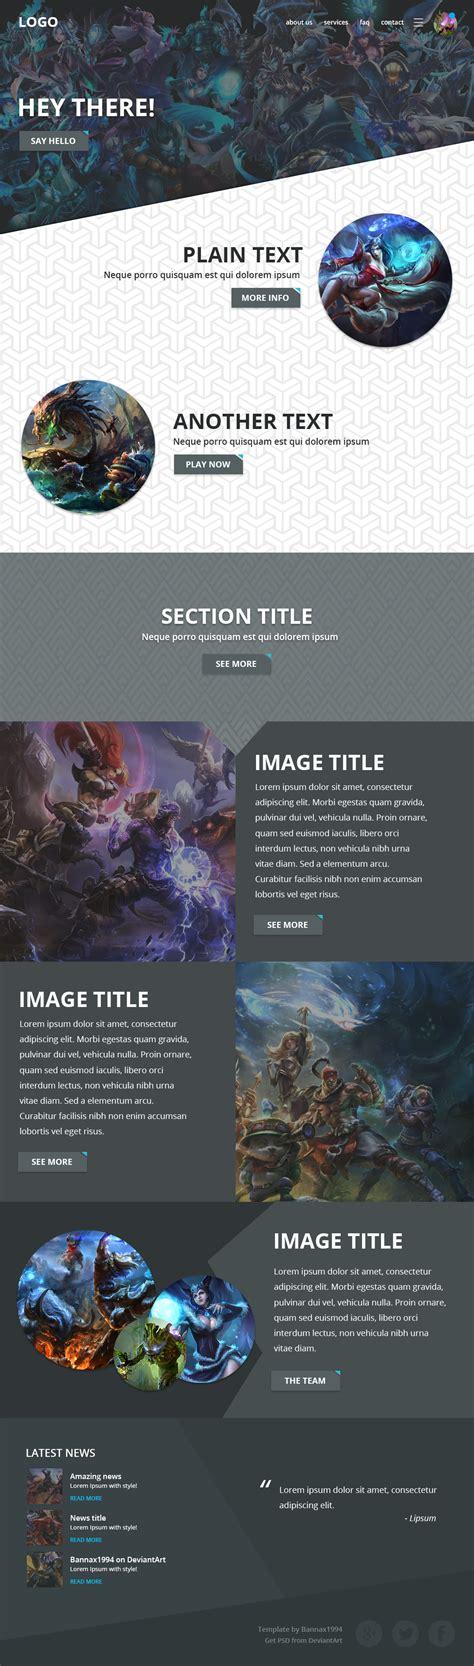 League Of Legends Website Template By Bannax1994 On Deviantart League Website Template